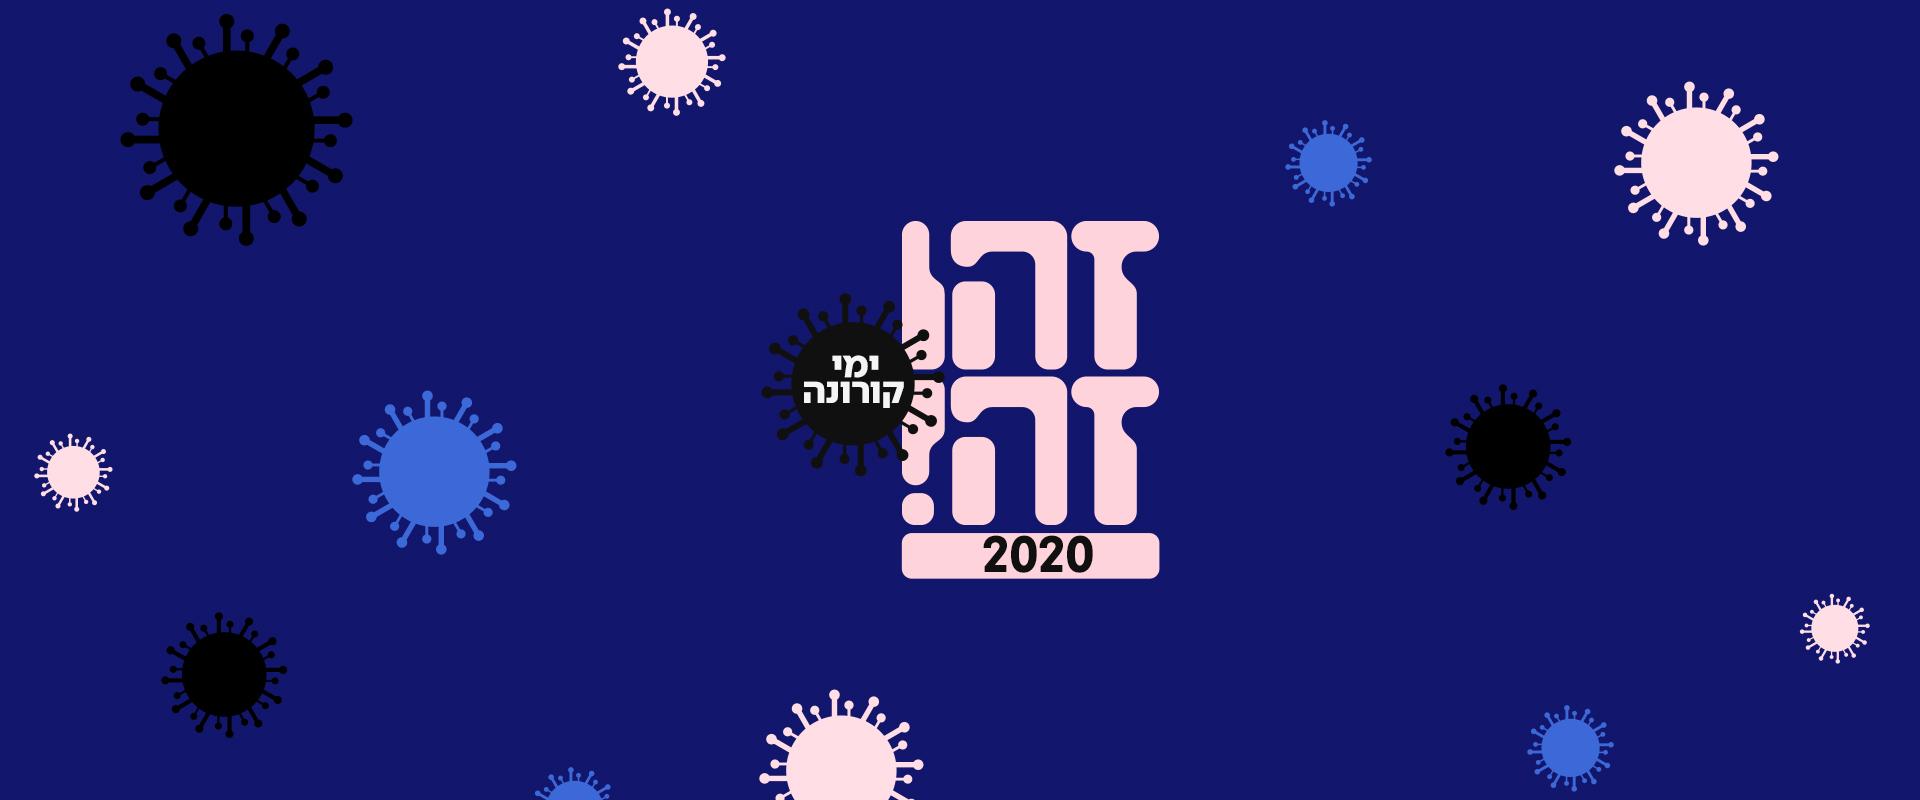 זהו זה 2020